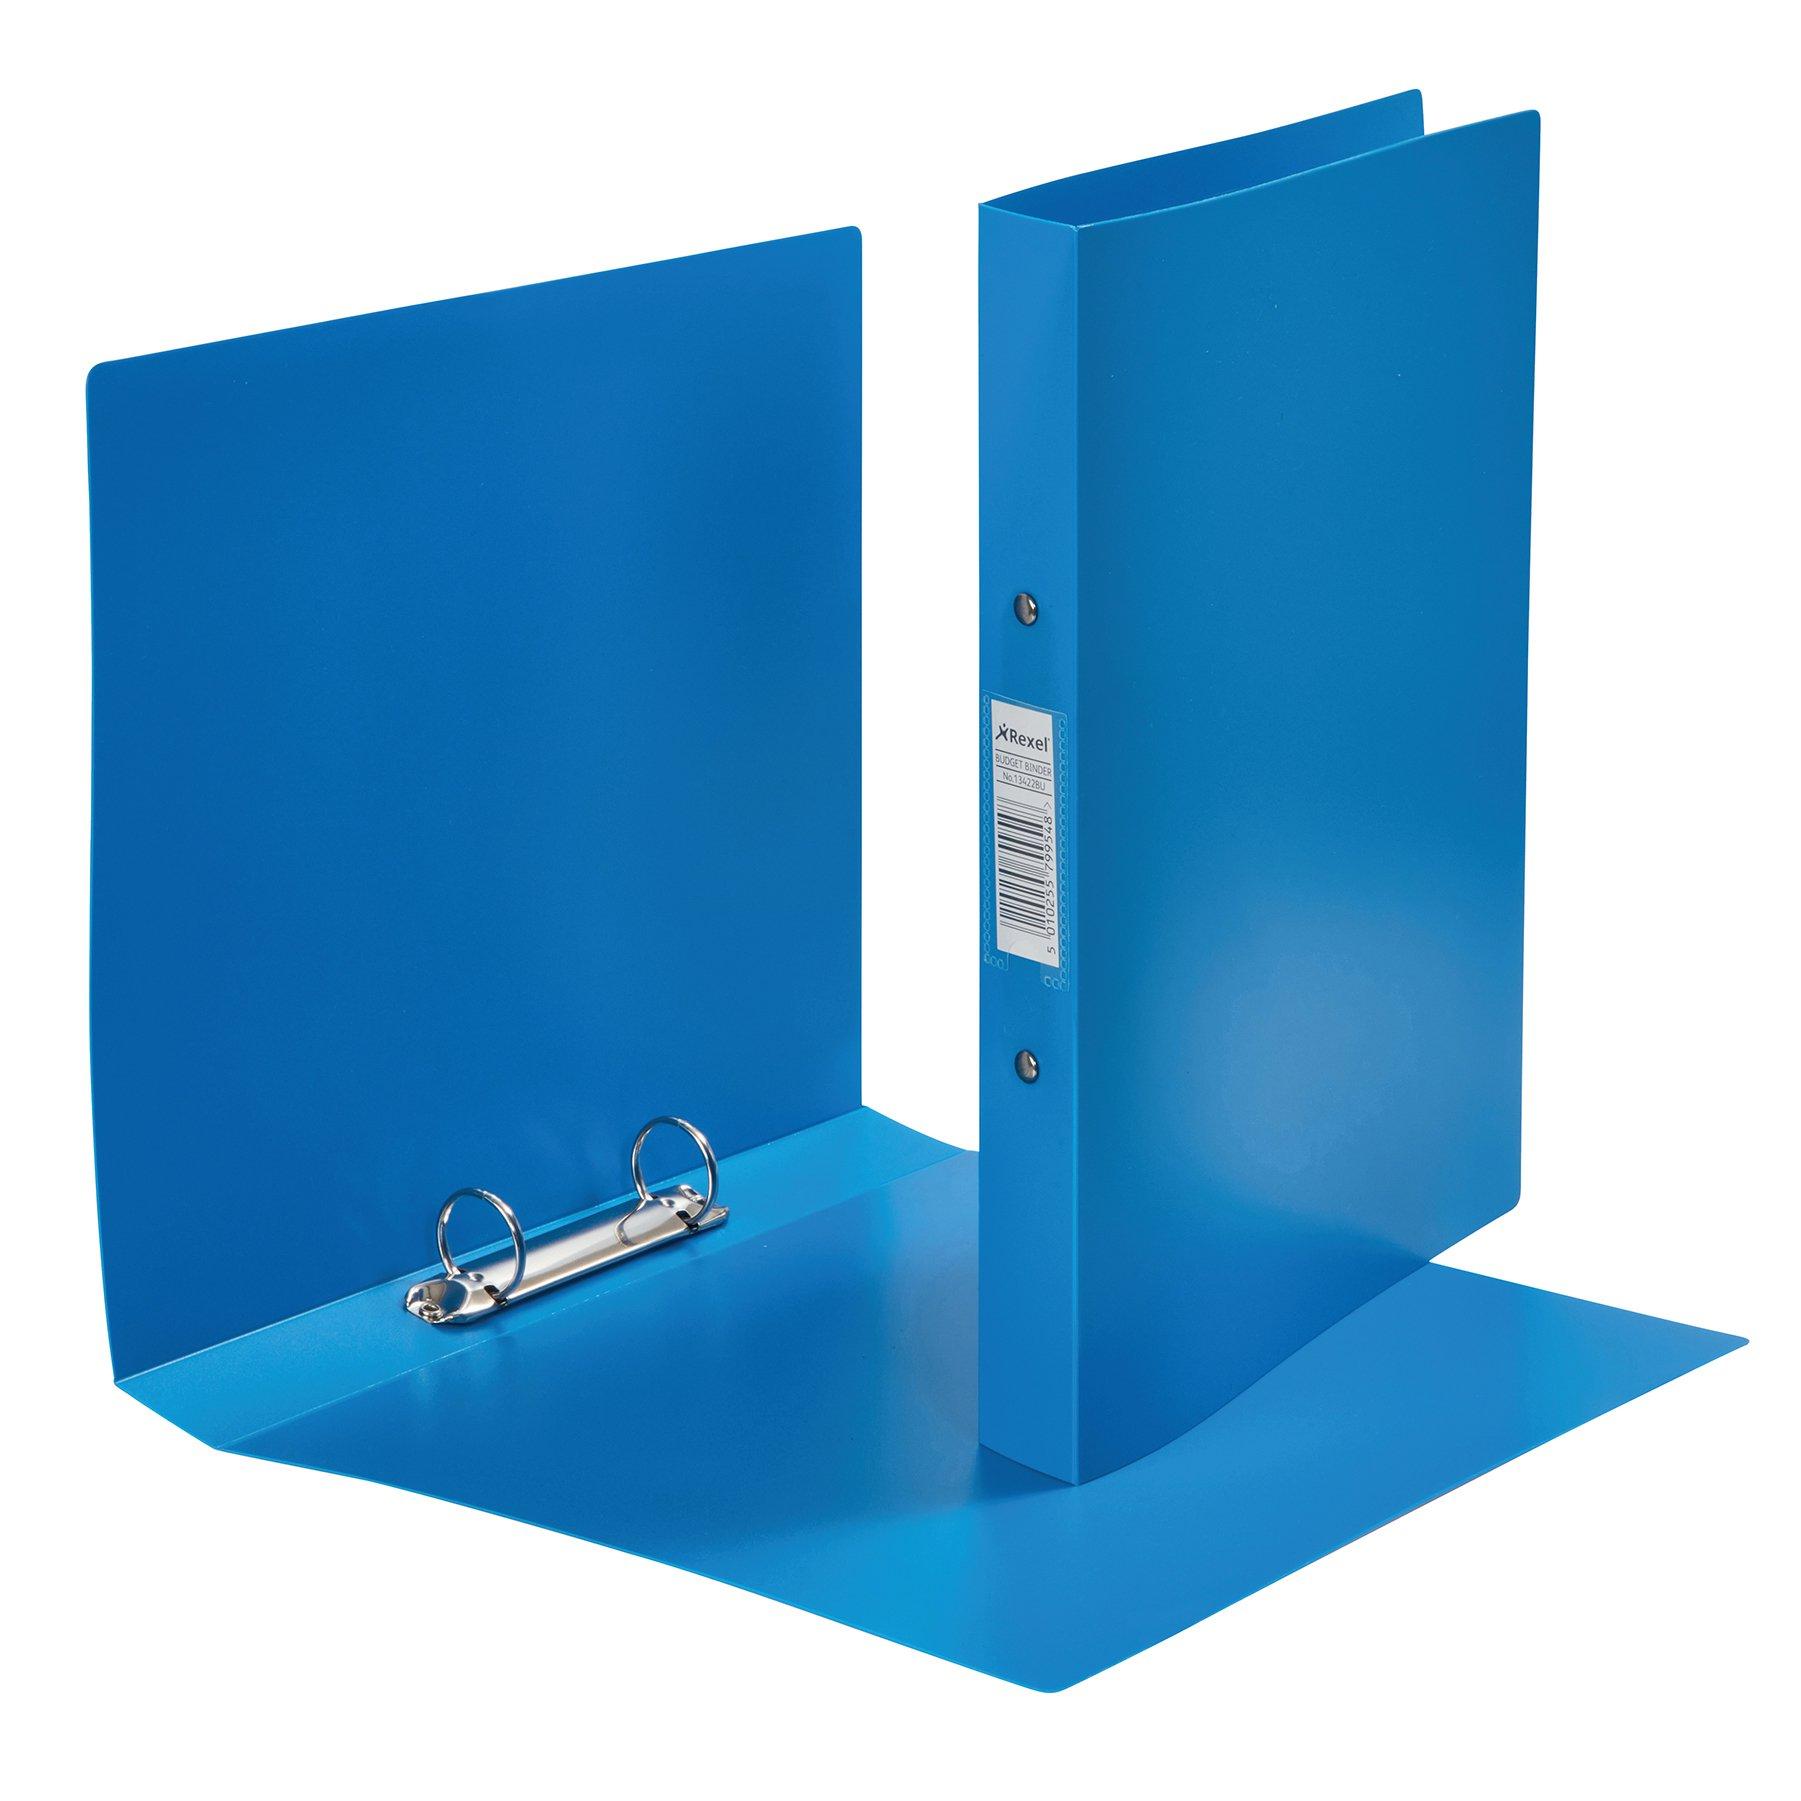 Rexel Budget Binder 2 Ring A4 Blue 13422BU